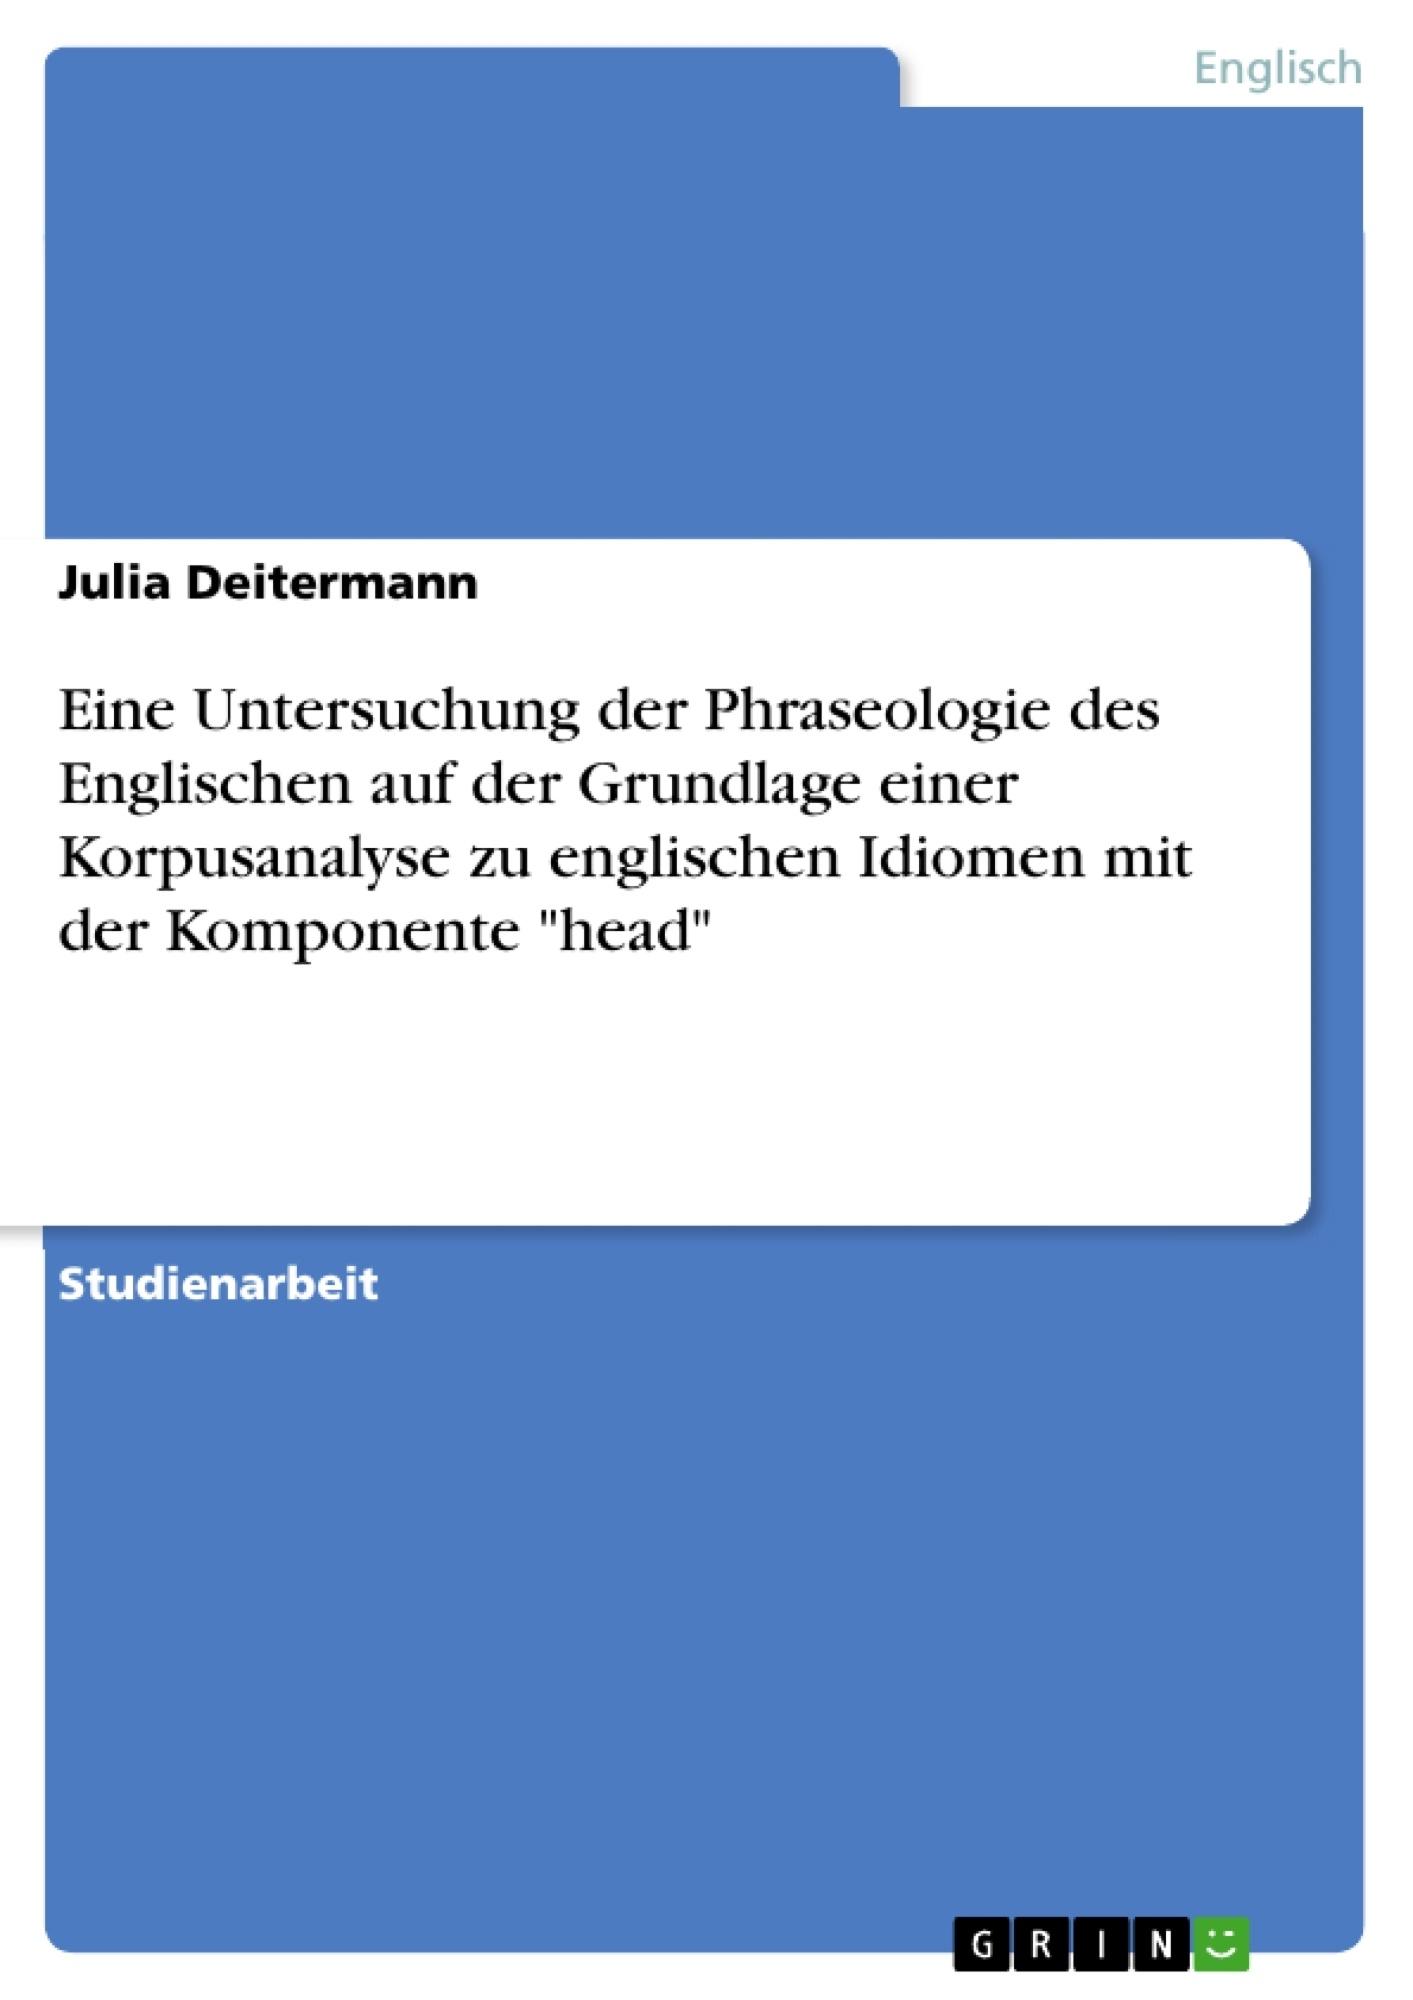 """Titel: Eine Untersuchung der Phraseologie des Englischen auf der Grundlage einer Korpusanalyse zu englischen Idiomen mit der Komponente """"head"""""""